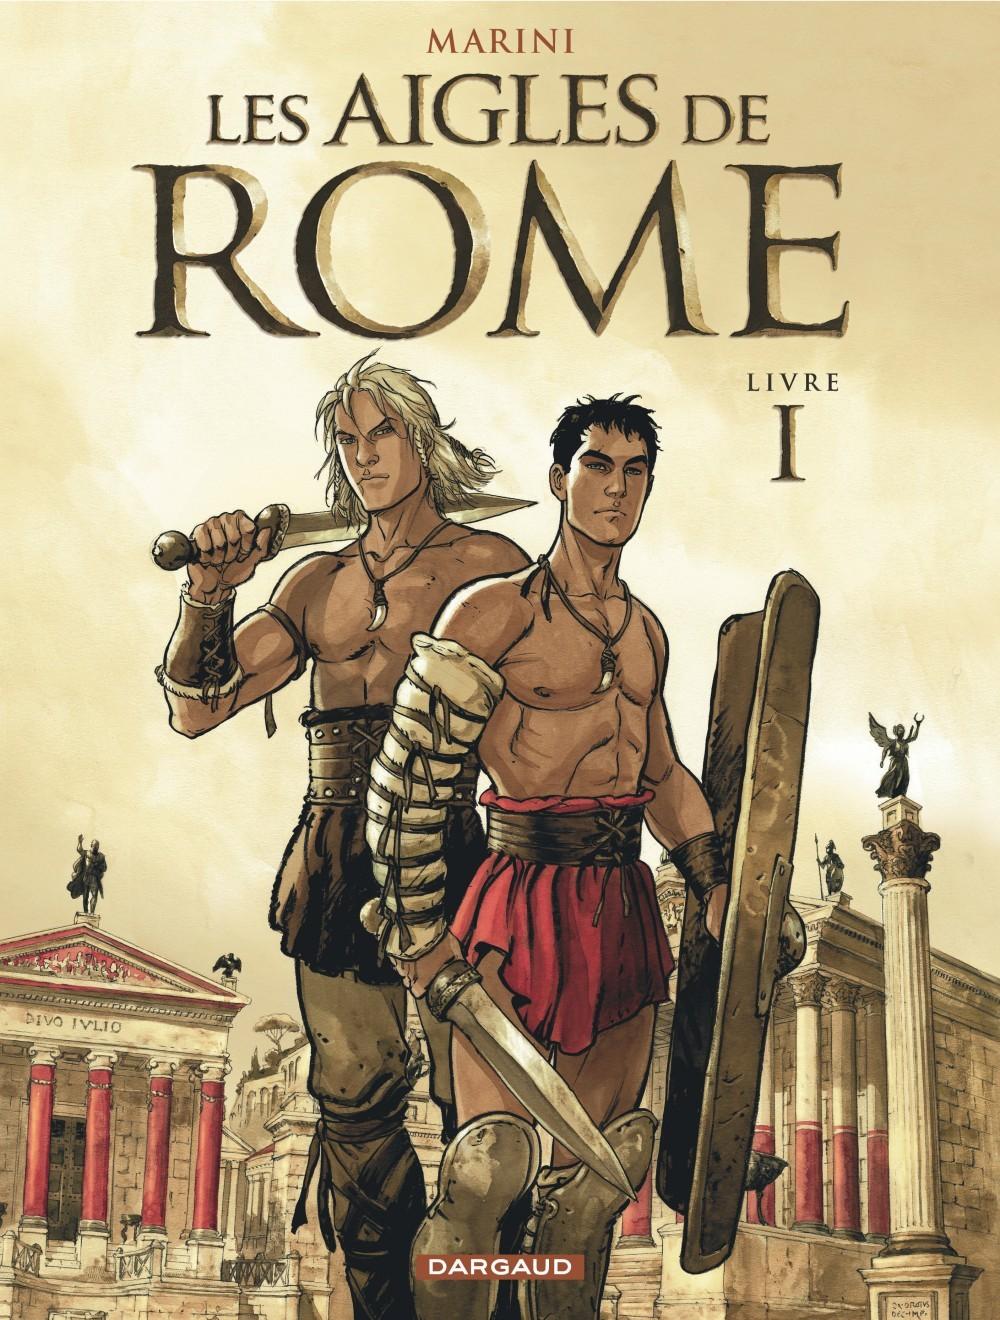 LES AIGLES DE ROME T1 LES AIGLES DE ROME LIVRE I